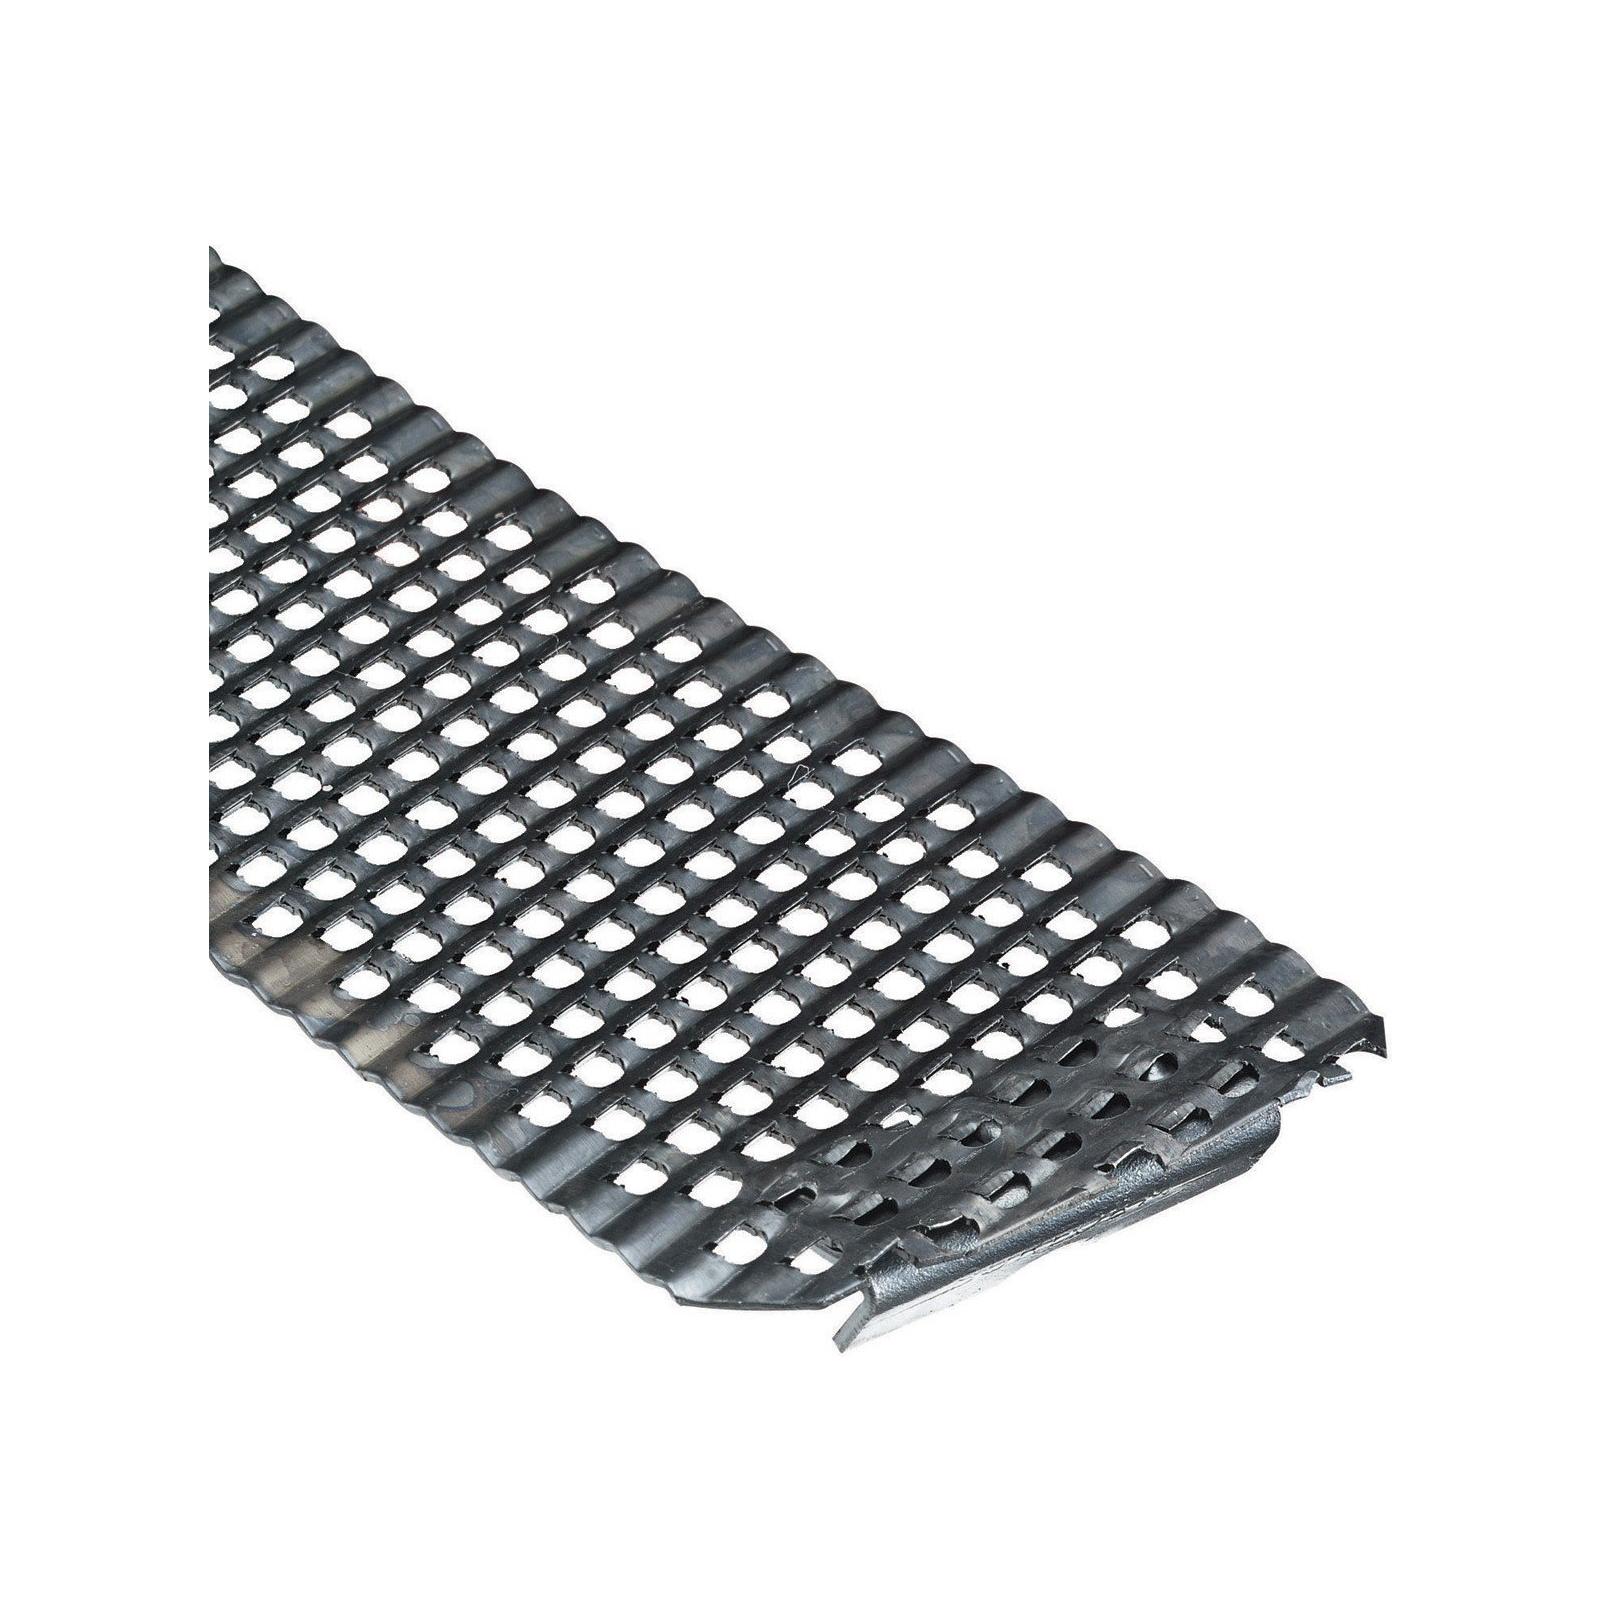 Лезвие Stanley для рашпиля с мелкой насечкой, L=250мм (5-21-393) изображение 2